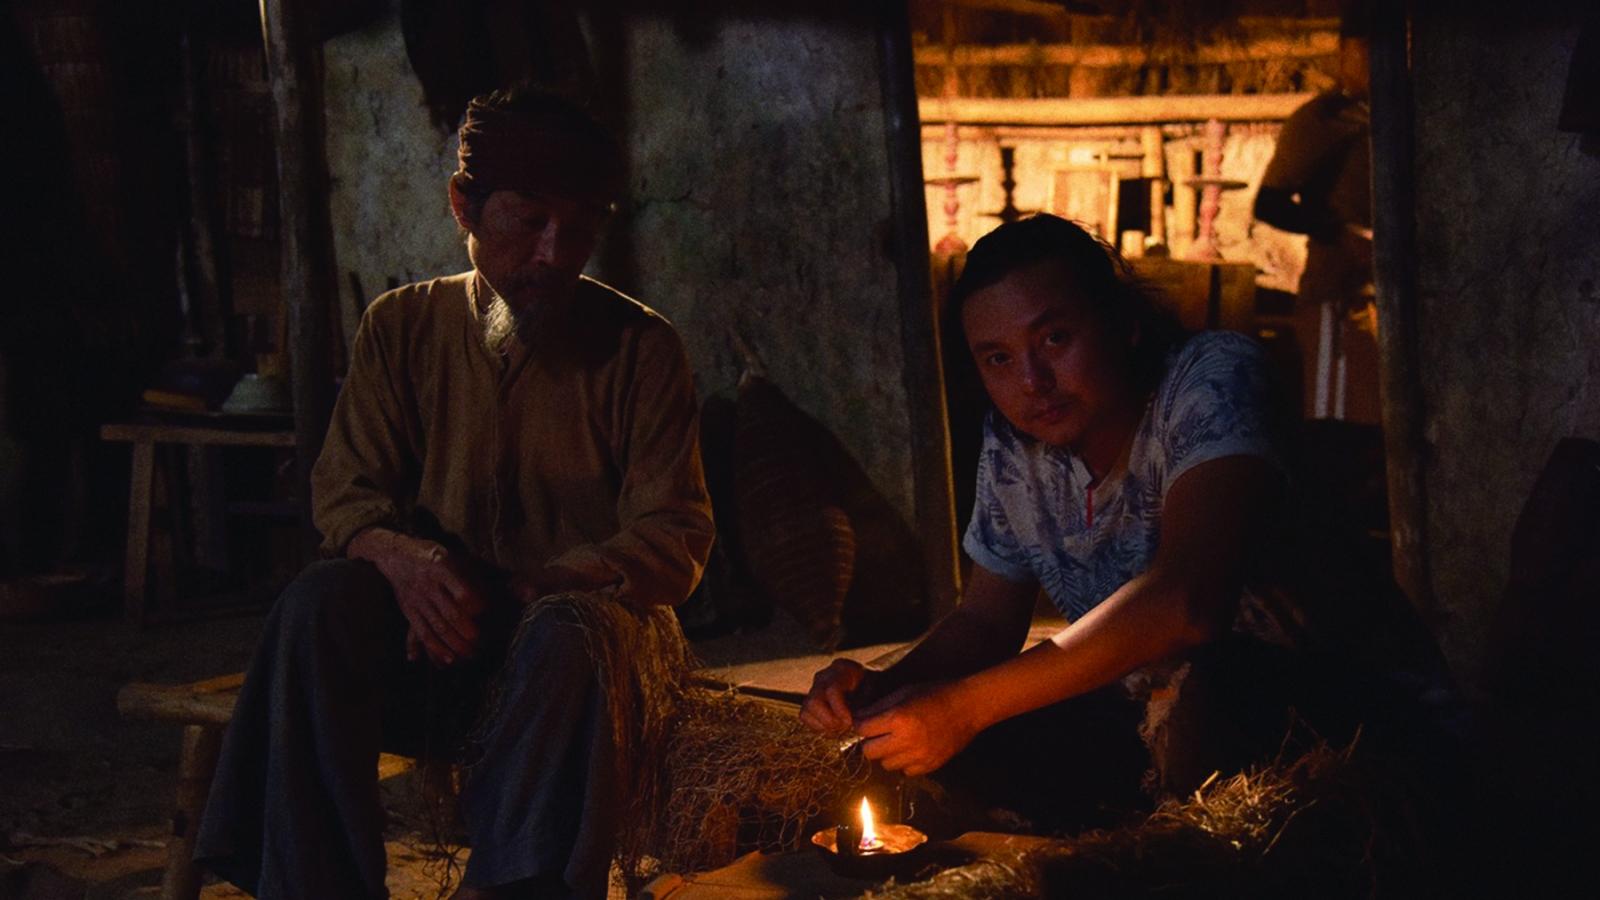 Phim Cậu Vàng - Một không gian mới trên nền các tác phẩm của Nam Cao